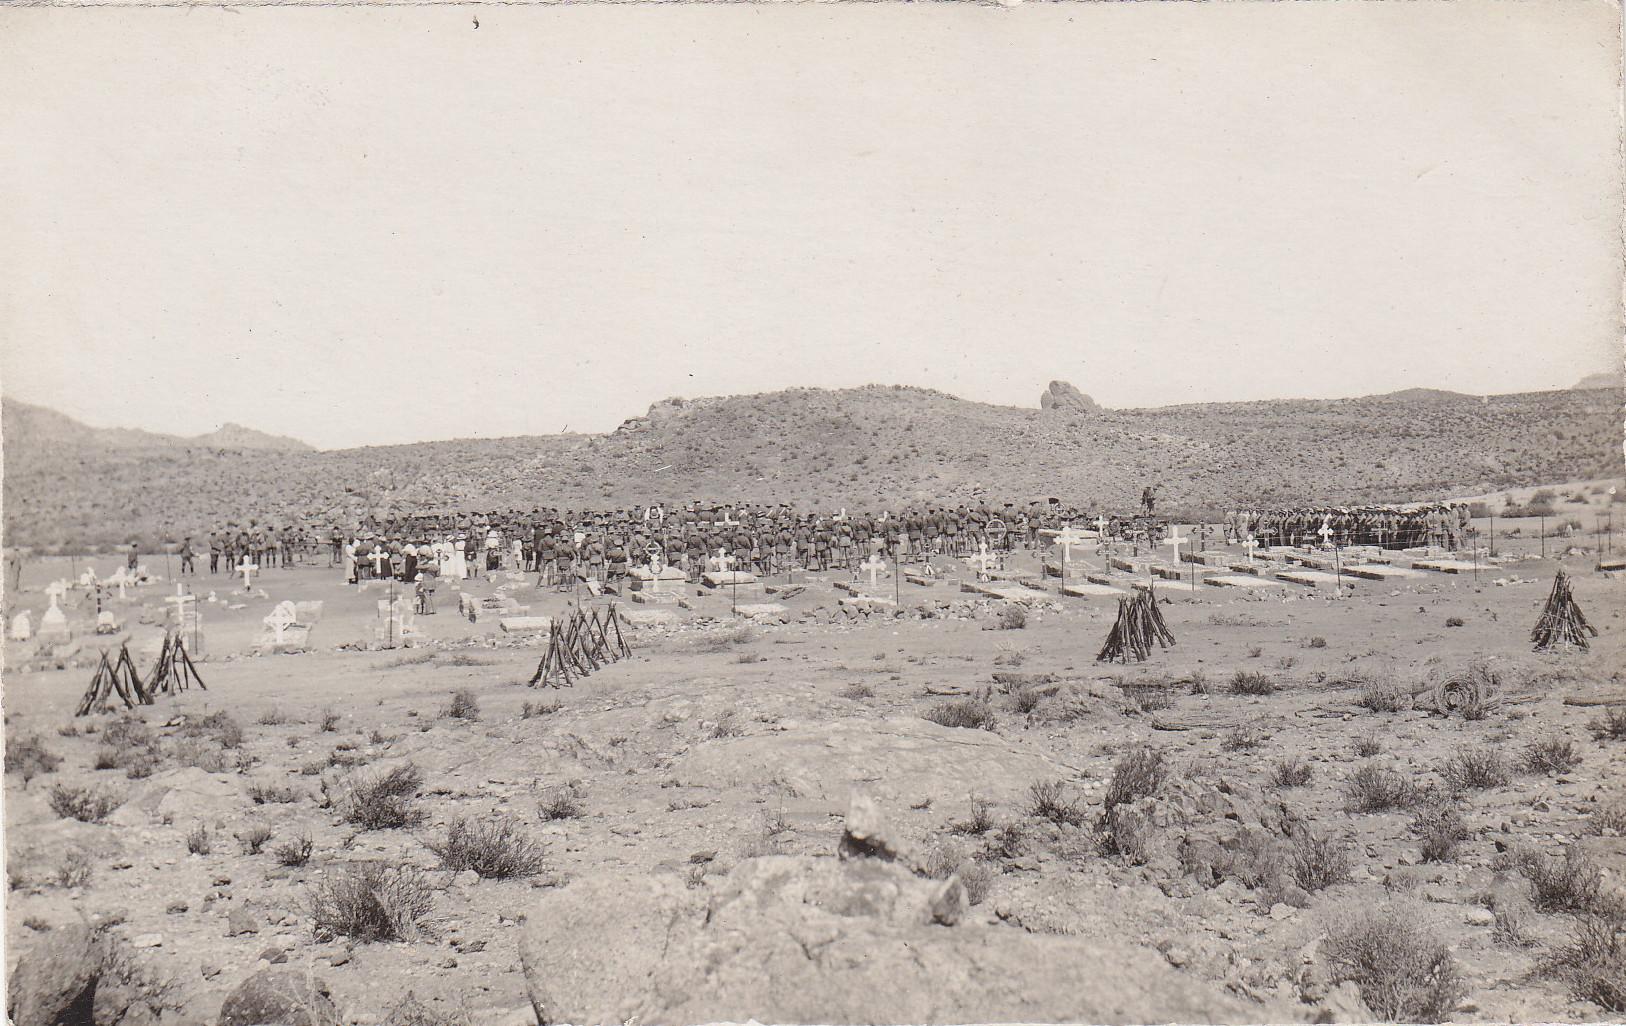 Der Gefangenenfriedhof von Aus - Beerdigung 1918